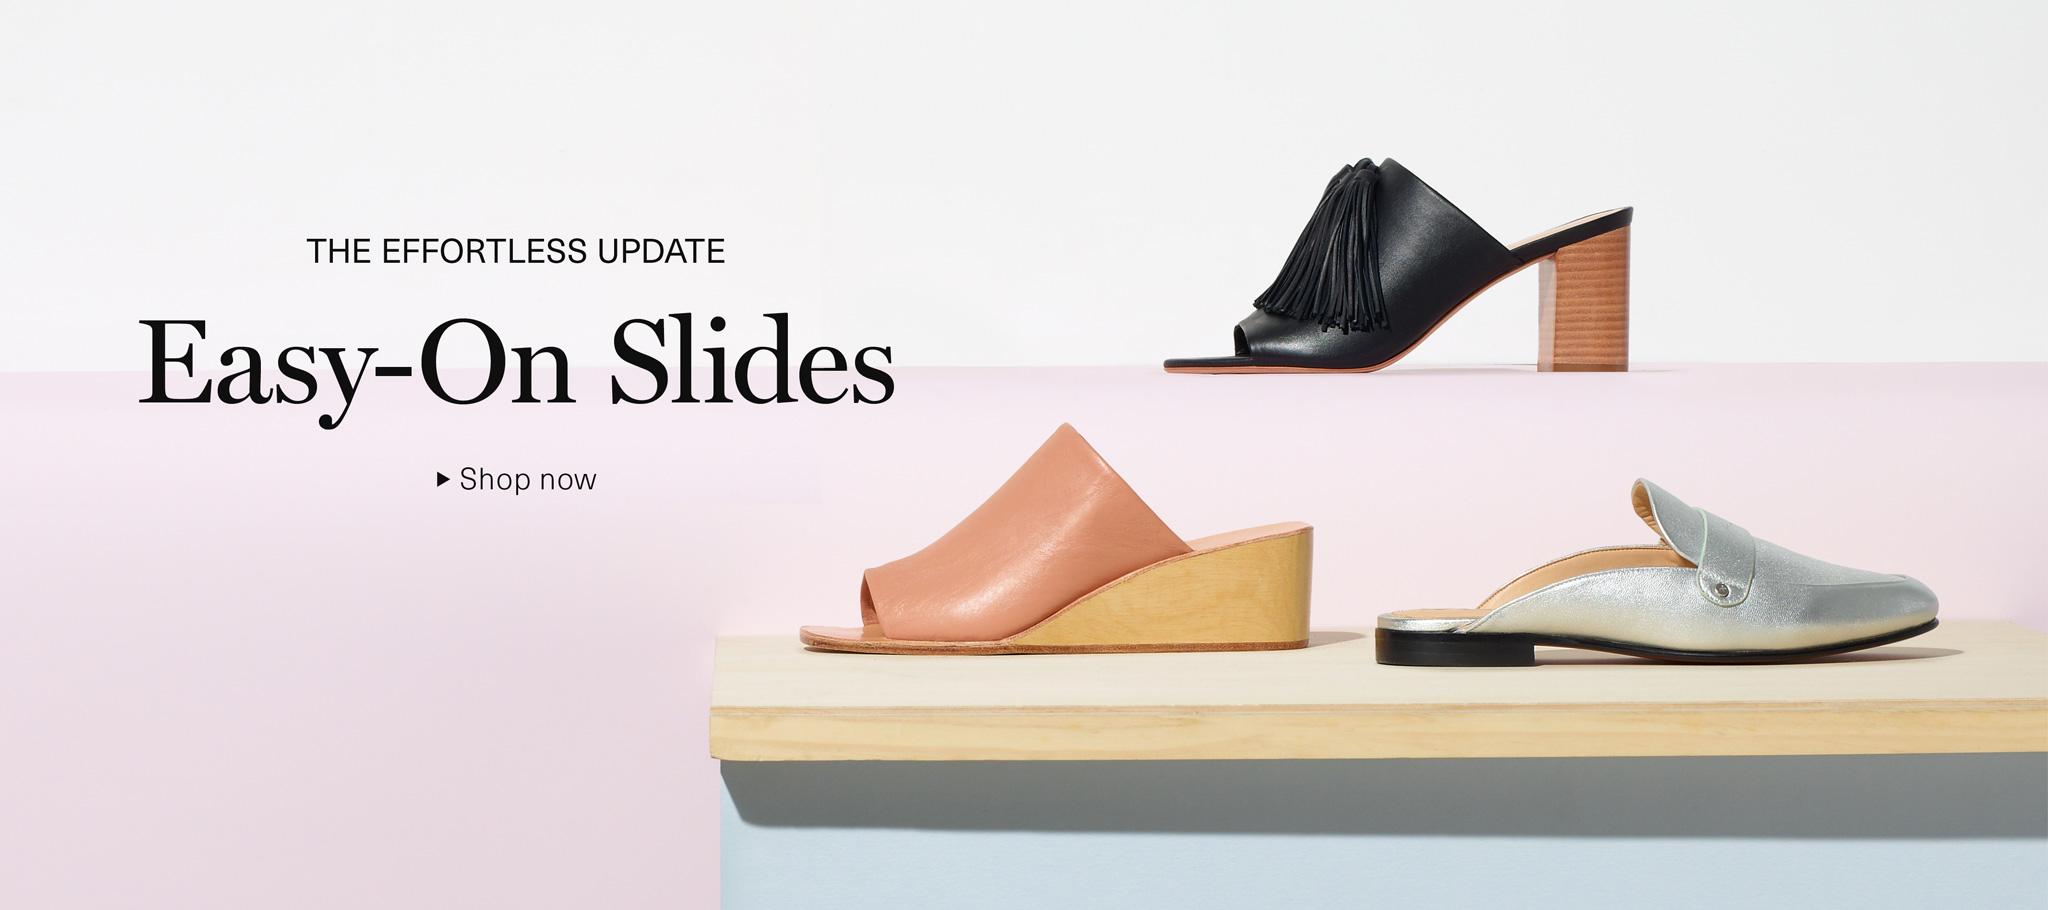 Easy-On Slides